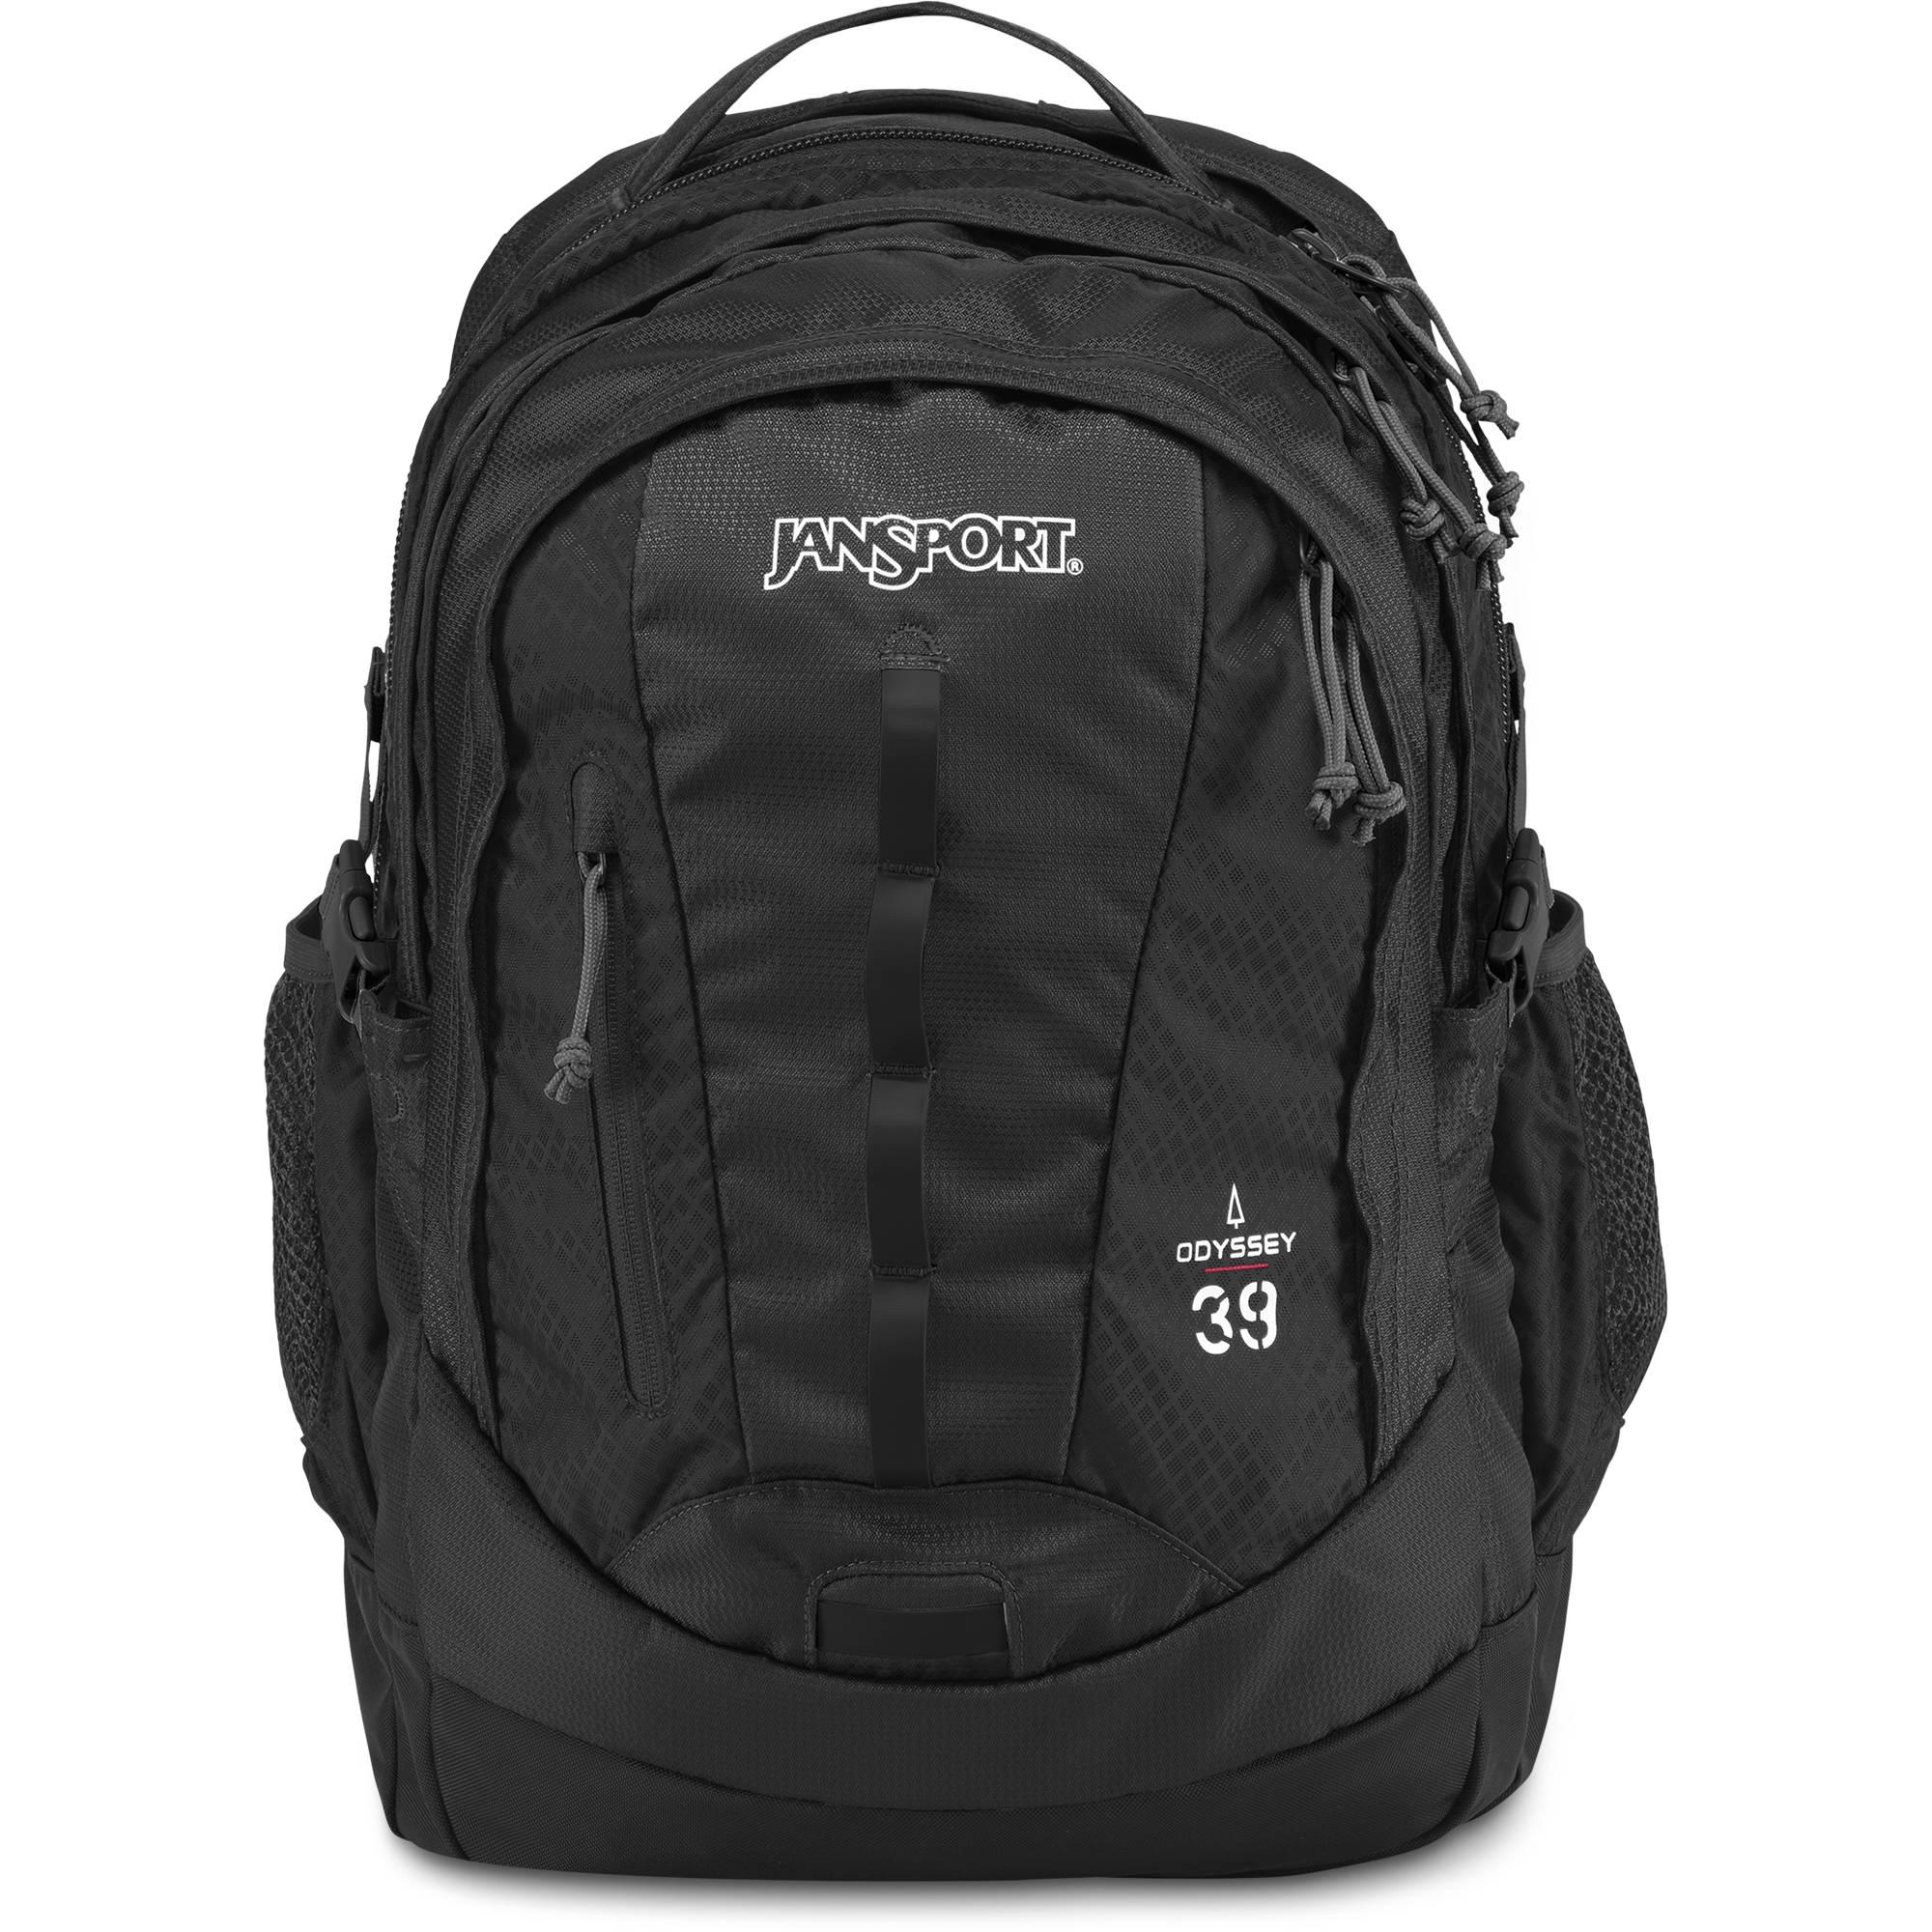 Jansport Odyssey Backpack Black Js00t14g008 B Amp H Photo Video